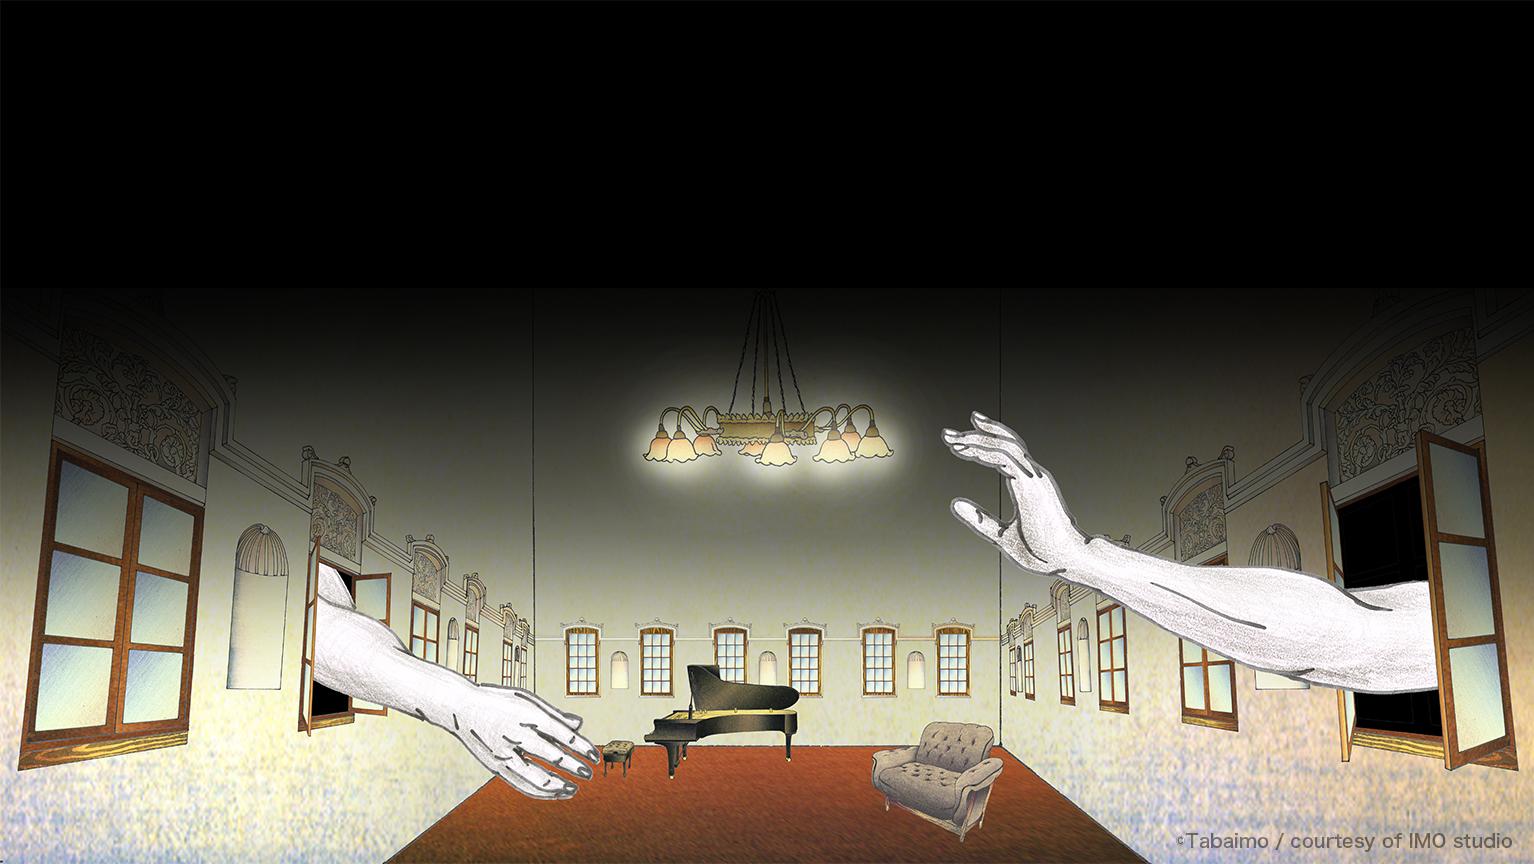 束芋「網の中」(2017)映像インスタレーション作品 スチルイメージ ©Tabaimo / courtesy of IMO studio